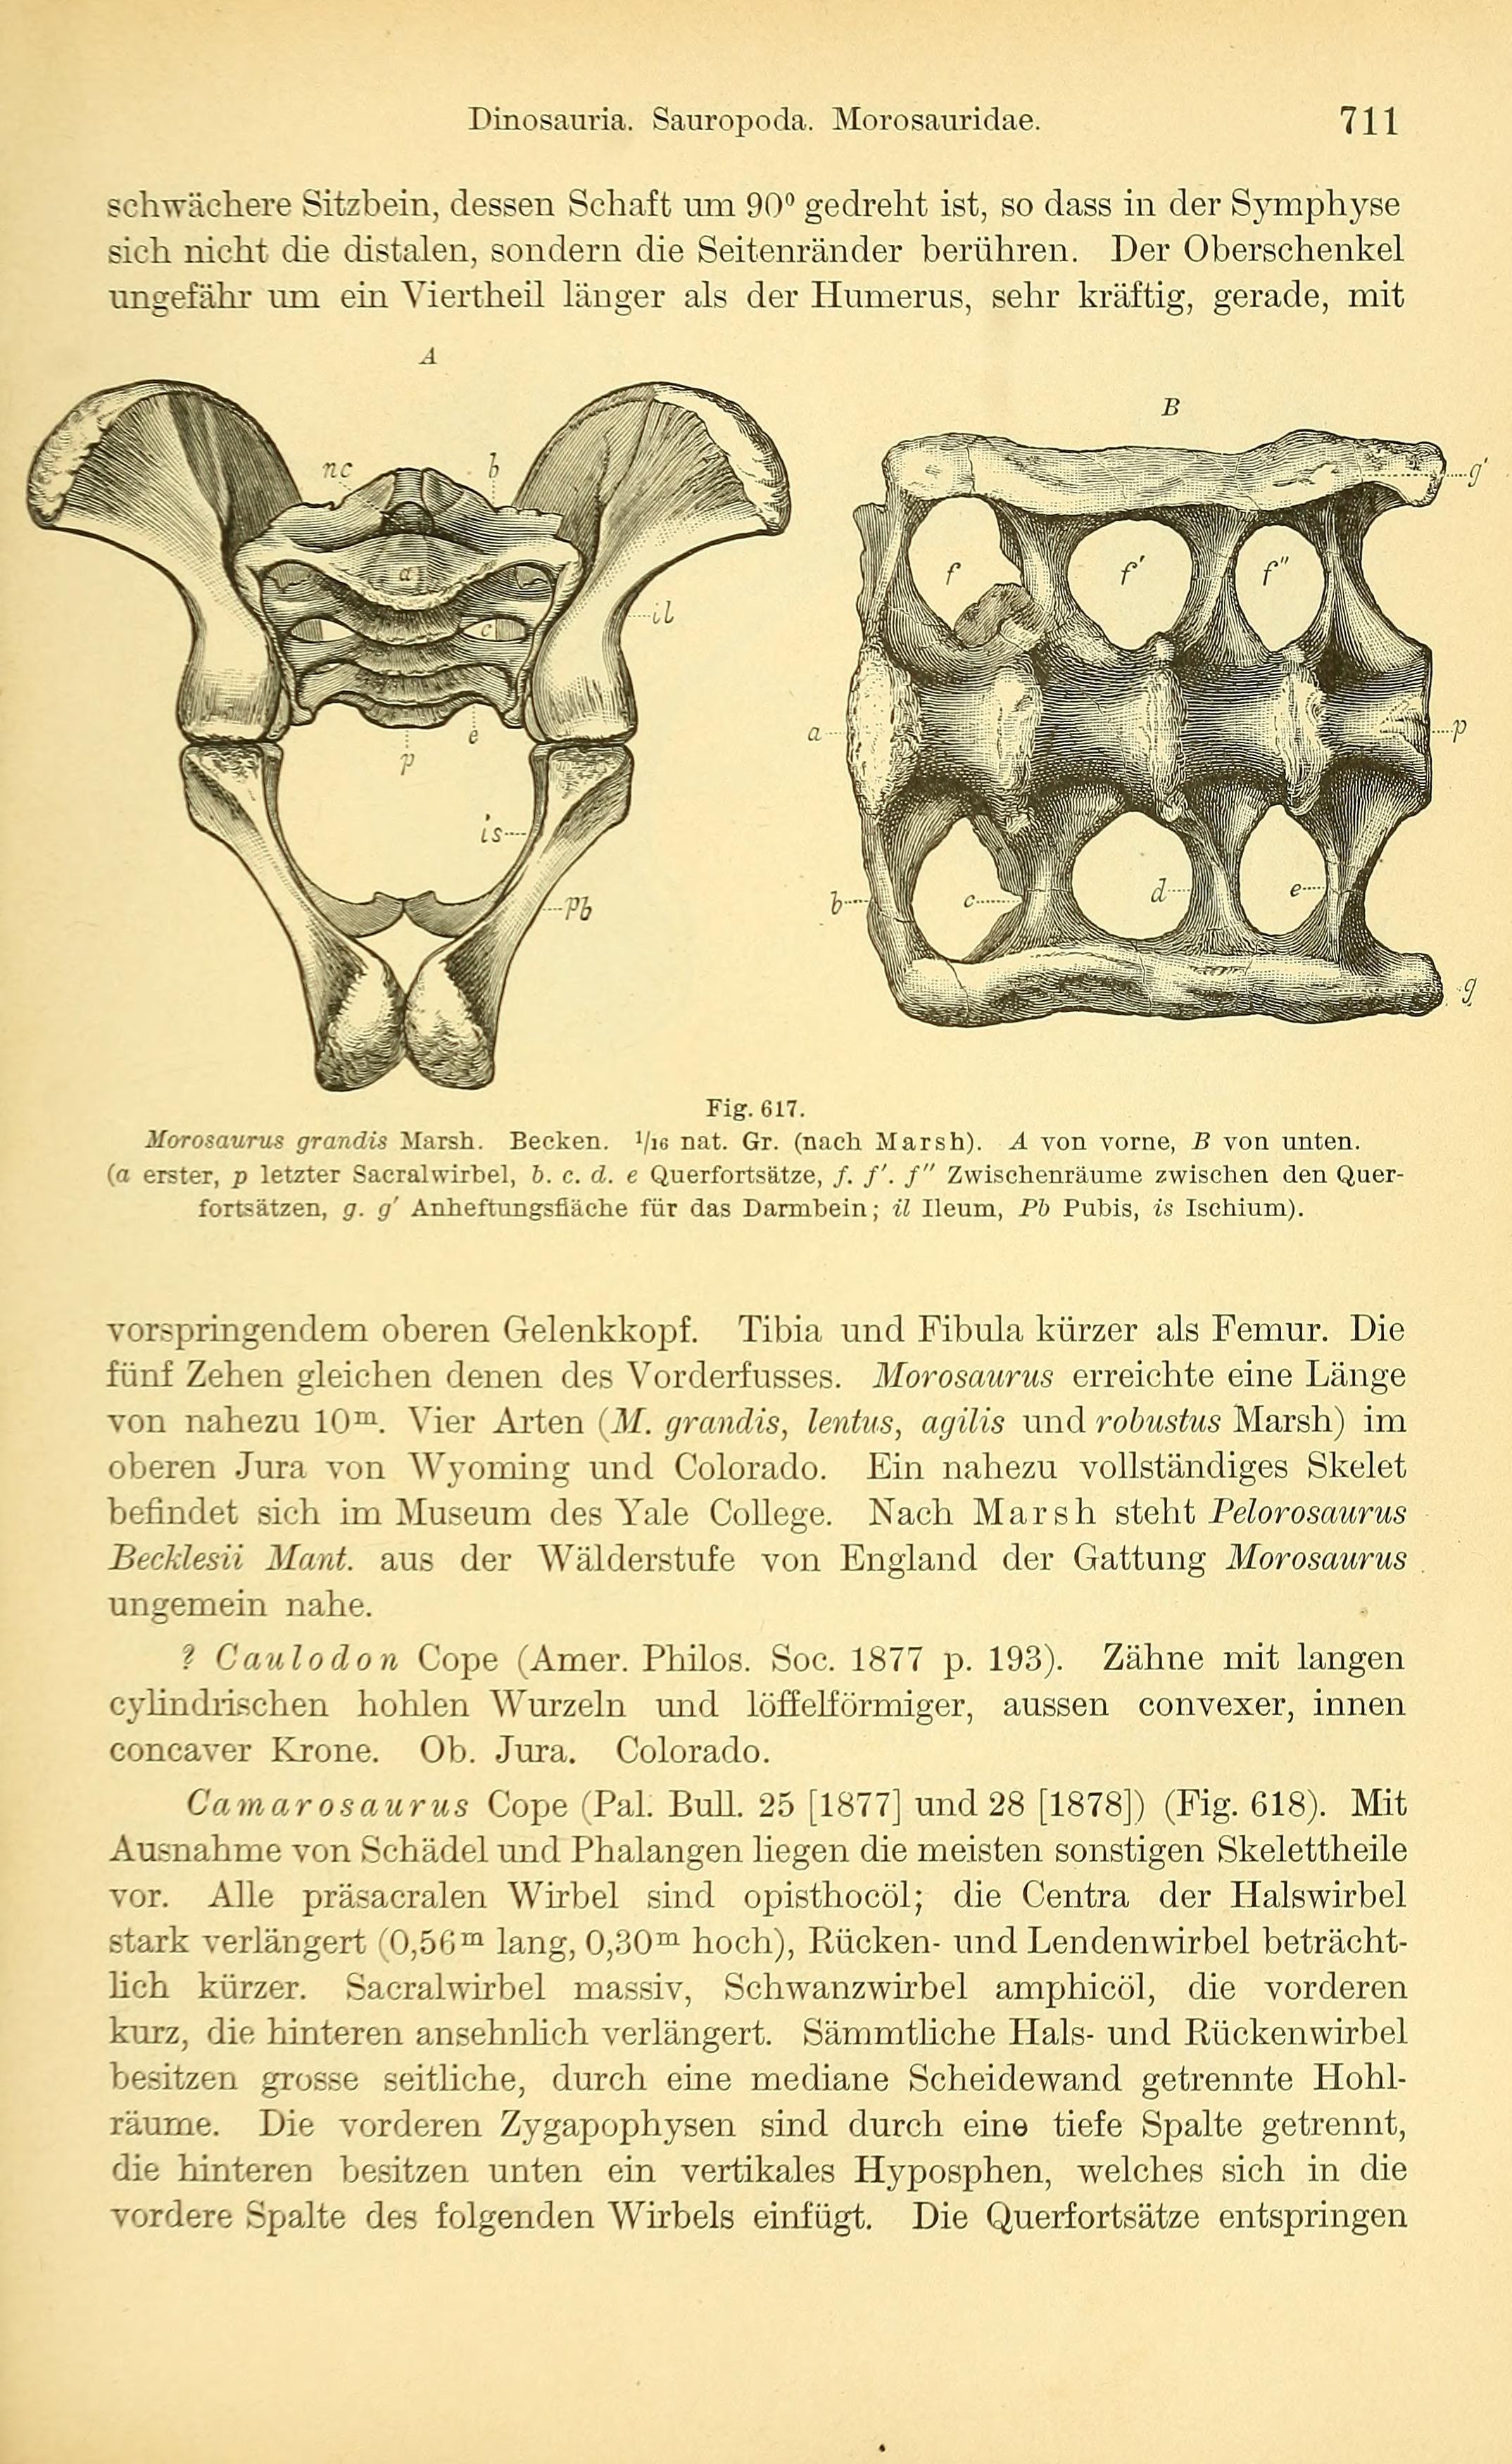 Gemütlich Sacralwirbel Bilder - Menschliche Anatomie Bilder ...